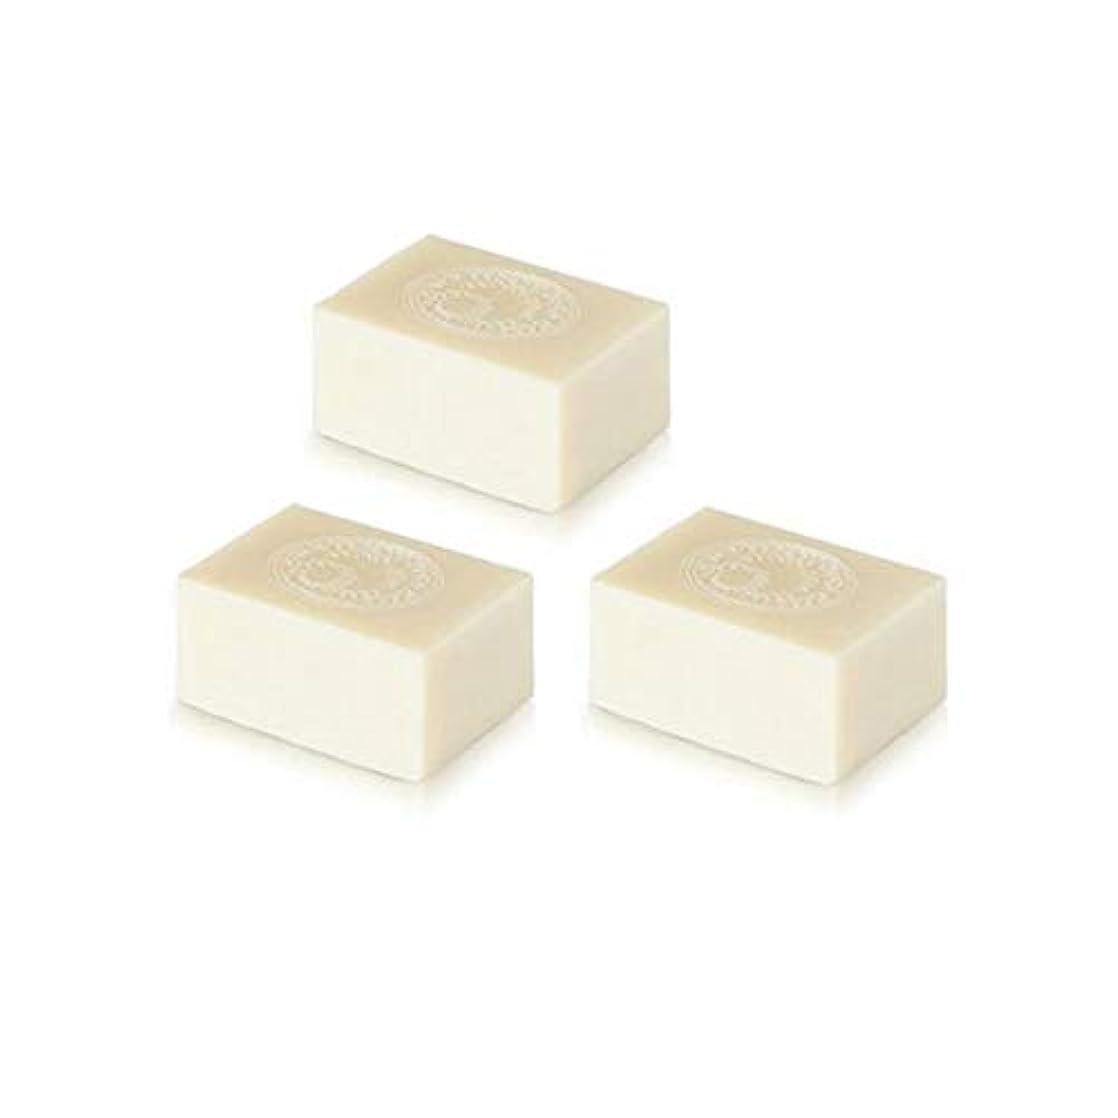 奪う特権的アグネスグレイアルガン石鹸3個セット( 145g ×3個) アルガンオイルの完全無添加石鹸